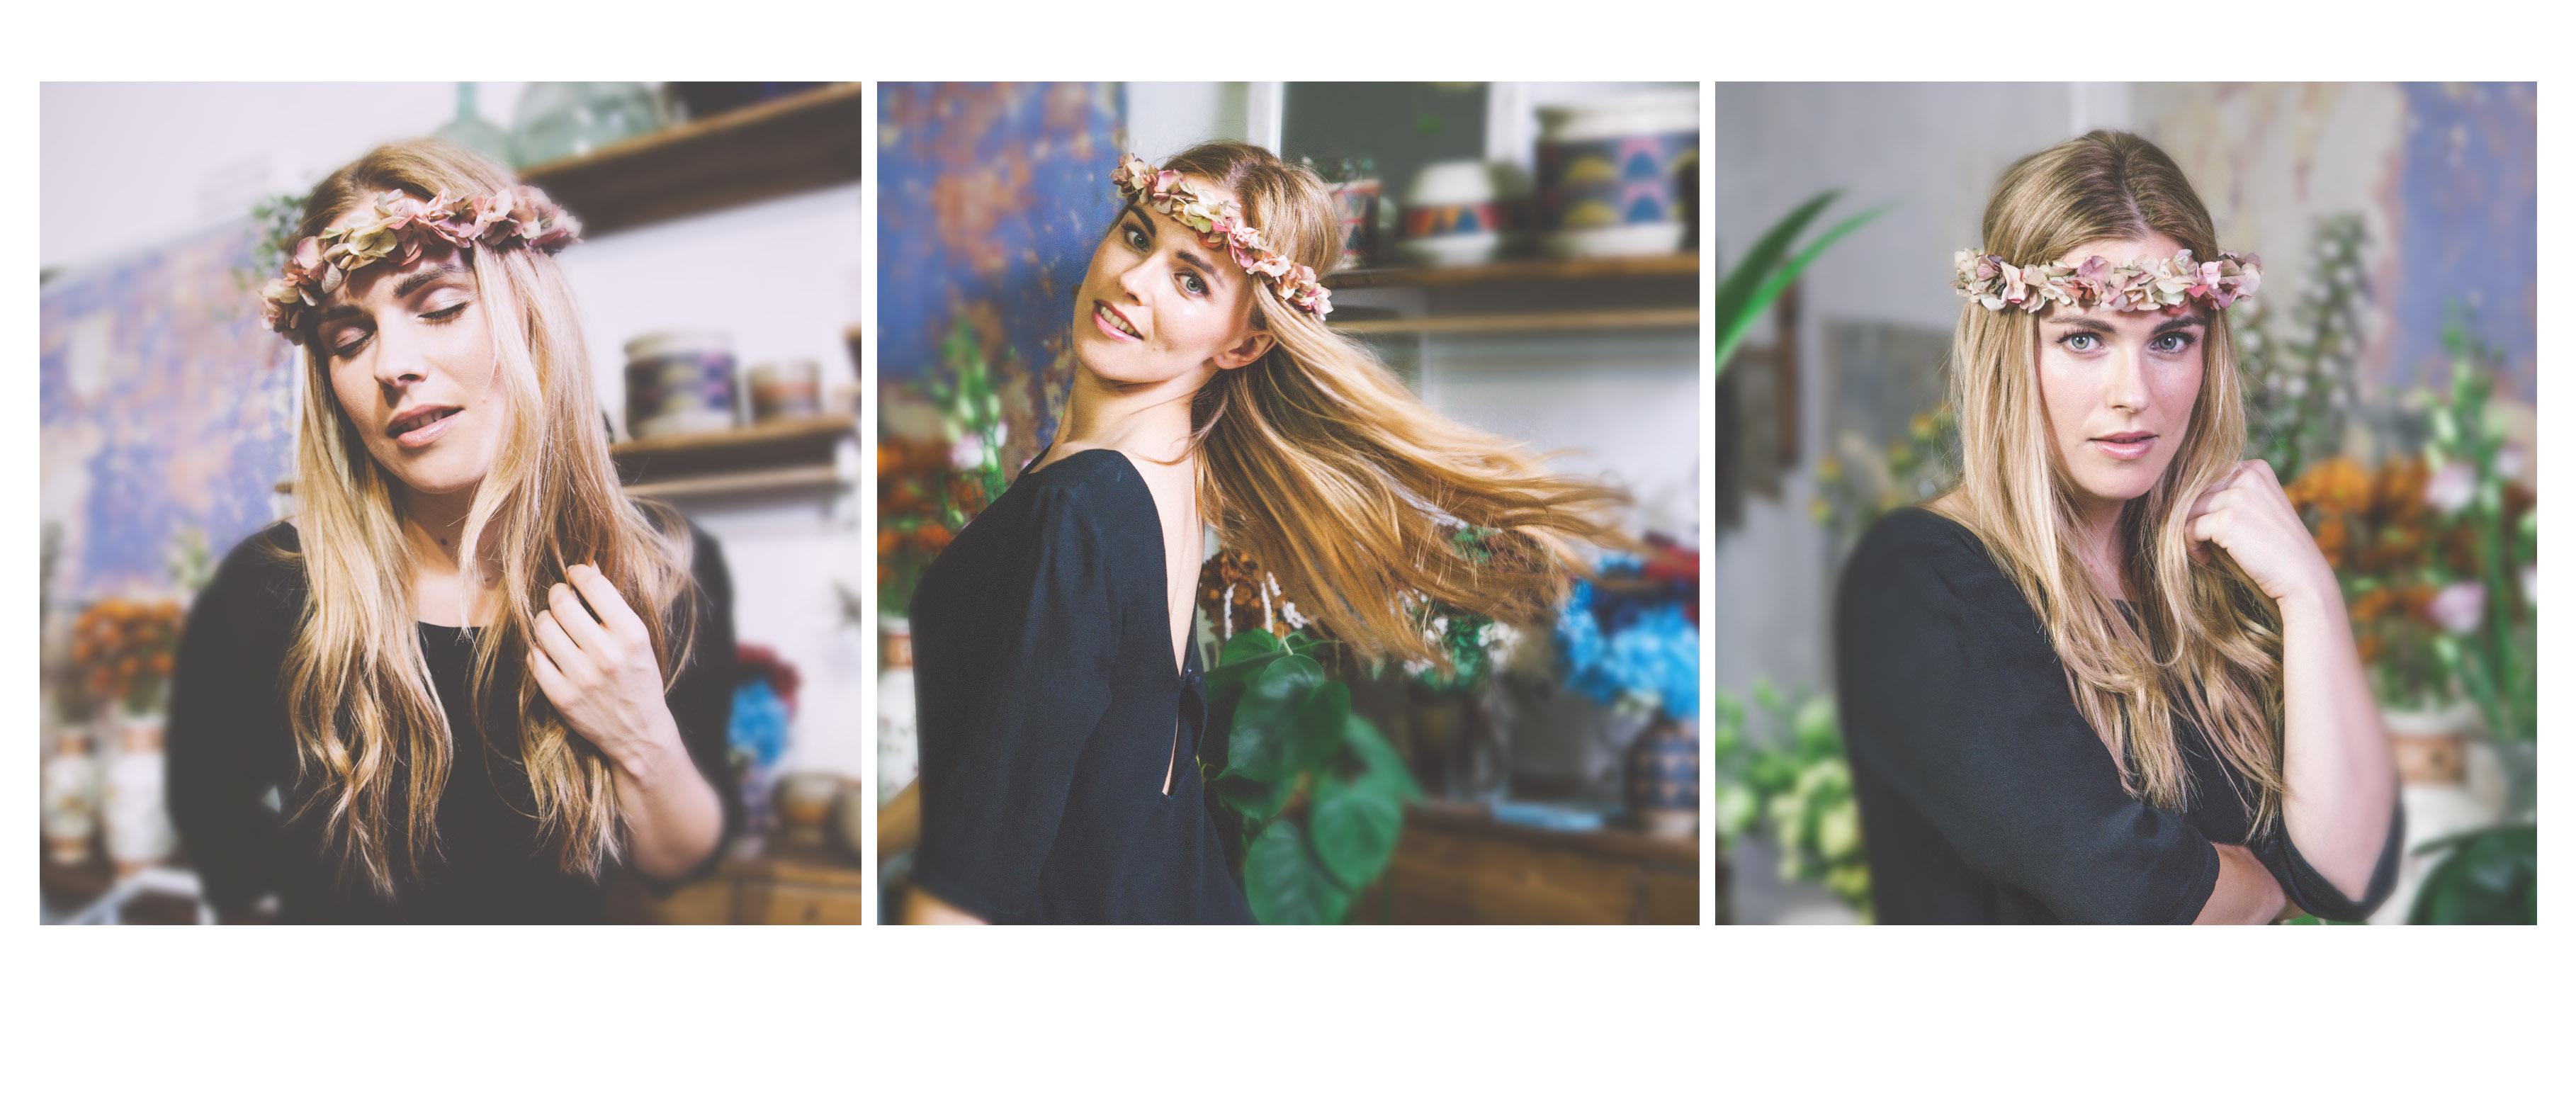 Fotos en flowerswill con The Wild Line